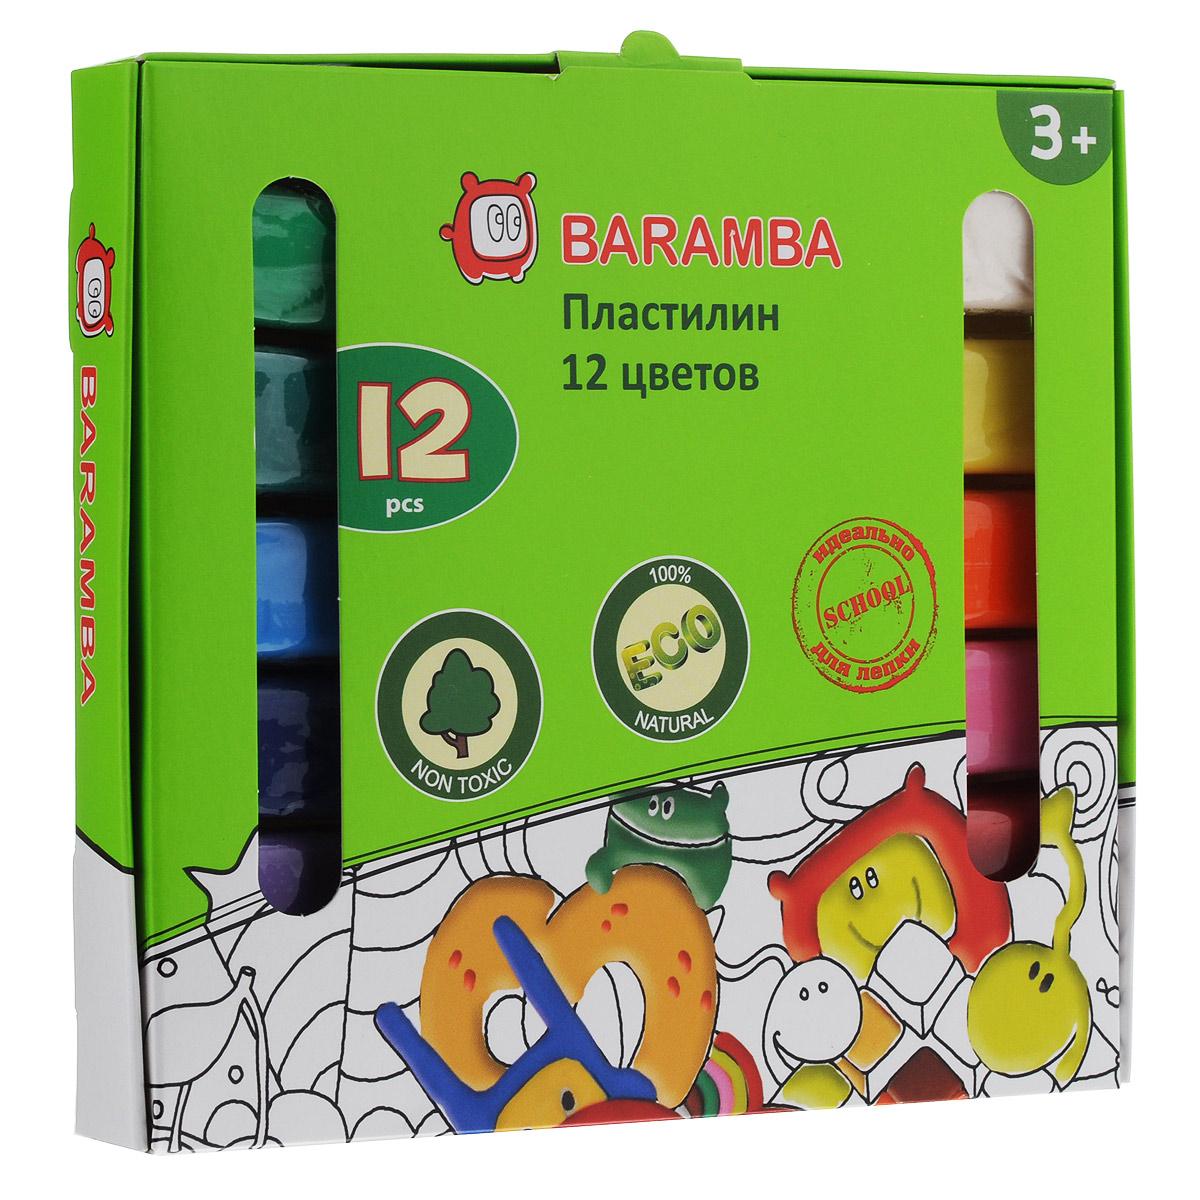 Пластилин на растительной основе Baramba, 12 цветовB30012Пластилин на растительной основе Baramba - это отличная возможность познакомить ребенка с еще одним из видов изобразительного творчества, в котором создаются объемные образы и целые композиции. В набор входит пластилин 12 ярких цветов (белый, желтый, оранжевый, розовый, красный, коричневый, светло-зеленый, зеленый, голубой, синий, фиолетовый, черный). Цвета пластилина легко смешиваются между собой, и таким образом можно получить новые оттенки. Пластилин на растительной основе, очень мягкий, содержит натуральные масла и воск, легко смешивается друг с другом и не липнет к рукам и не затвердевает. Техника лепки богата и разнообразна, но при этом доступна даже маленьким детям. Занятие лепкой не только увлекательно, но и полезно для ребенка. Оно способствует развитию творческого и пространственного мышления, восприятия формы, фактуры, цвета и веса, развивает воображение и мелкую моторику.